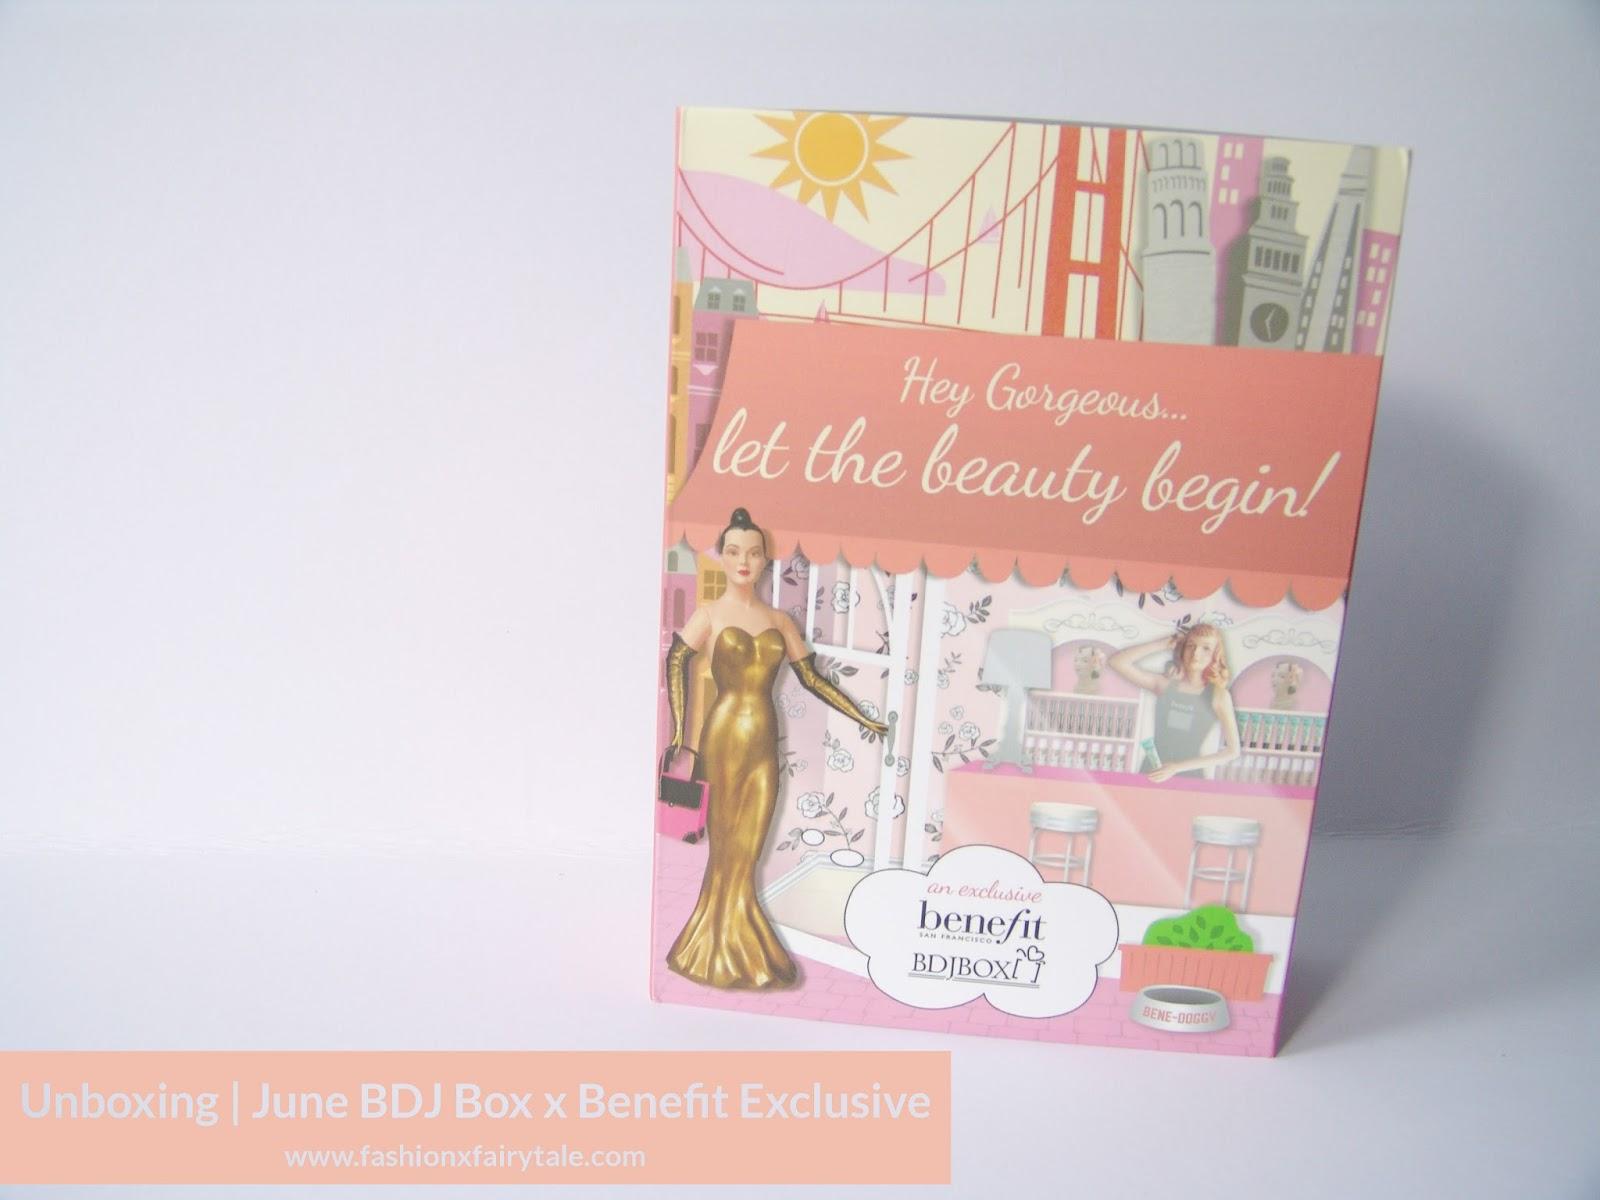 Unboxing | June BDJ Box x Benefit Exclusive